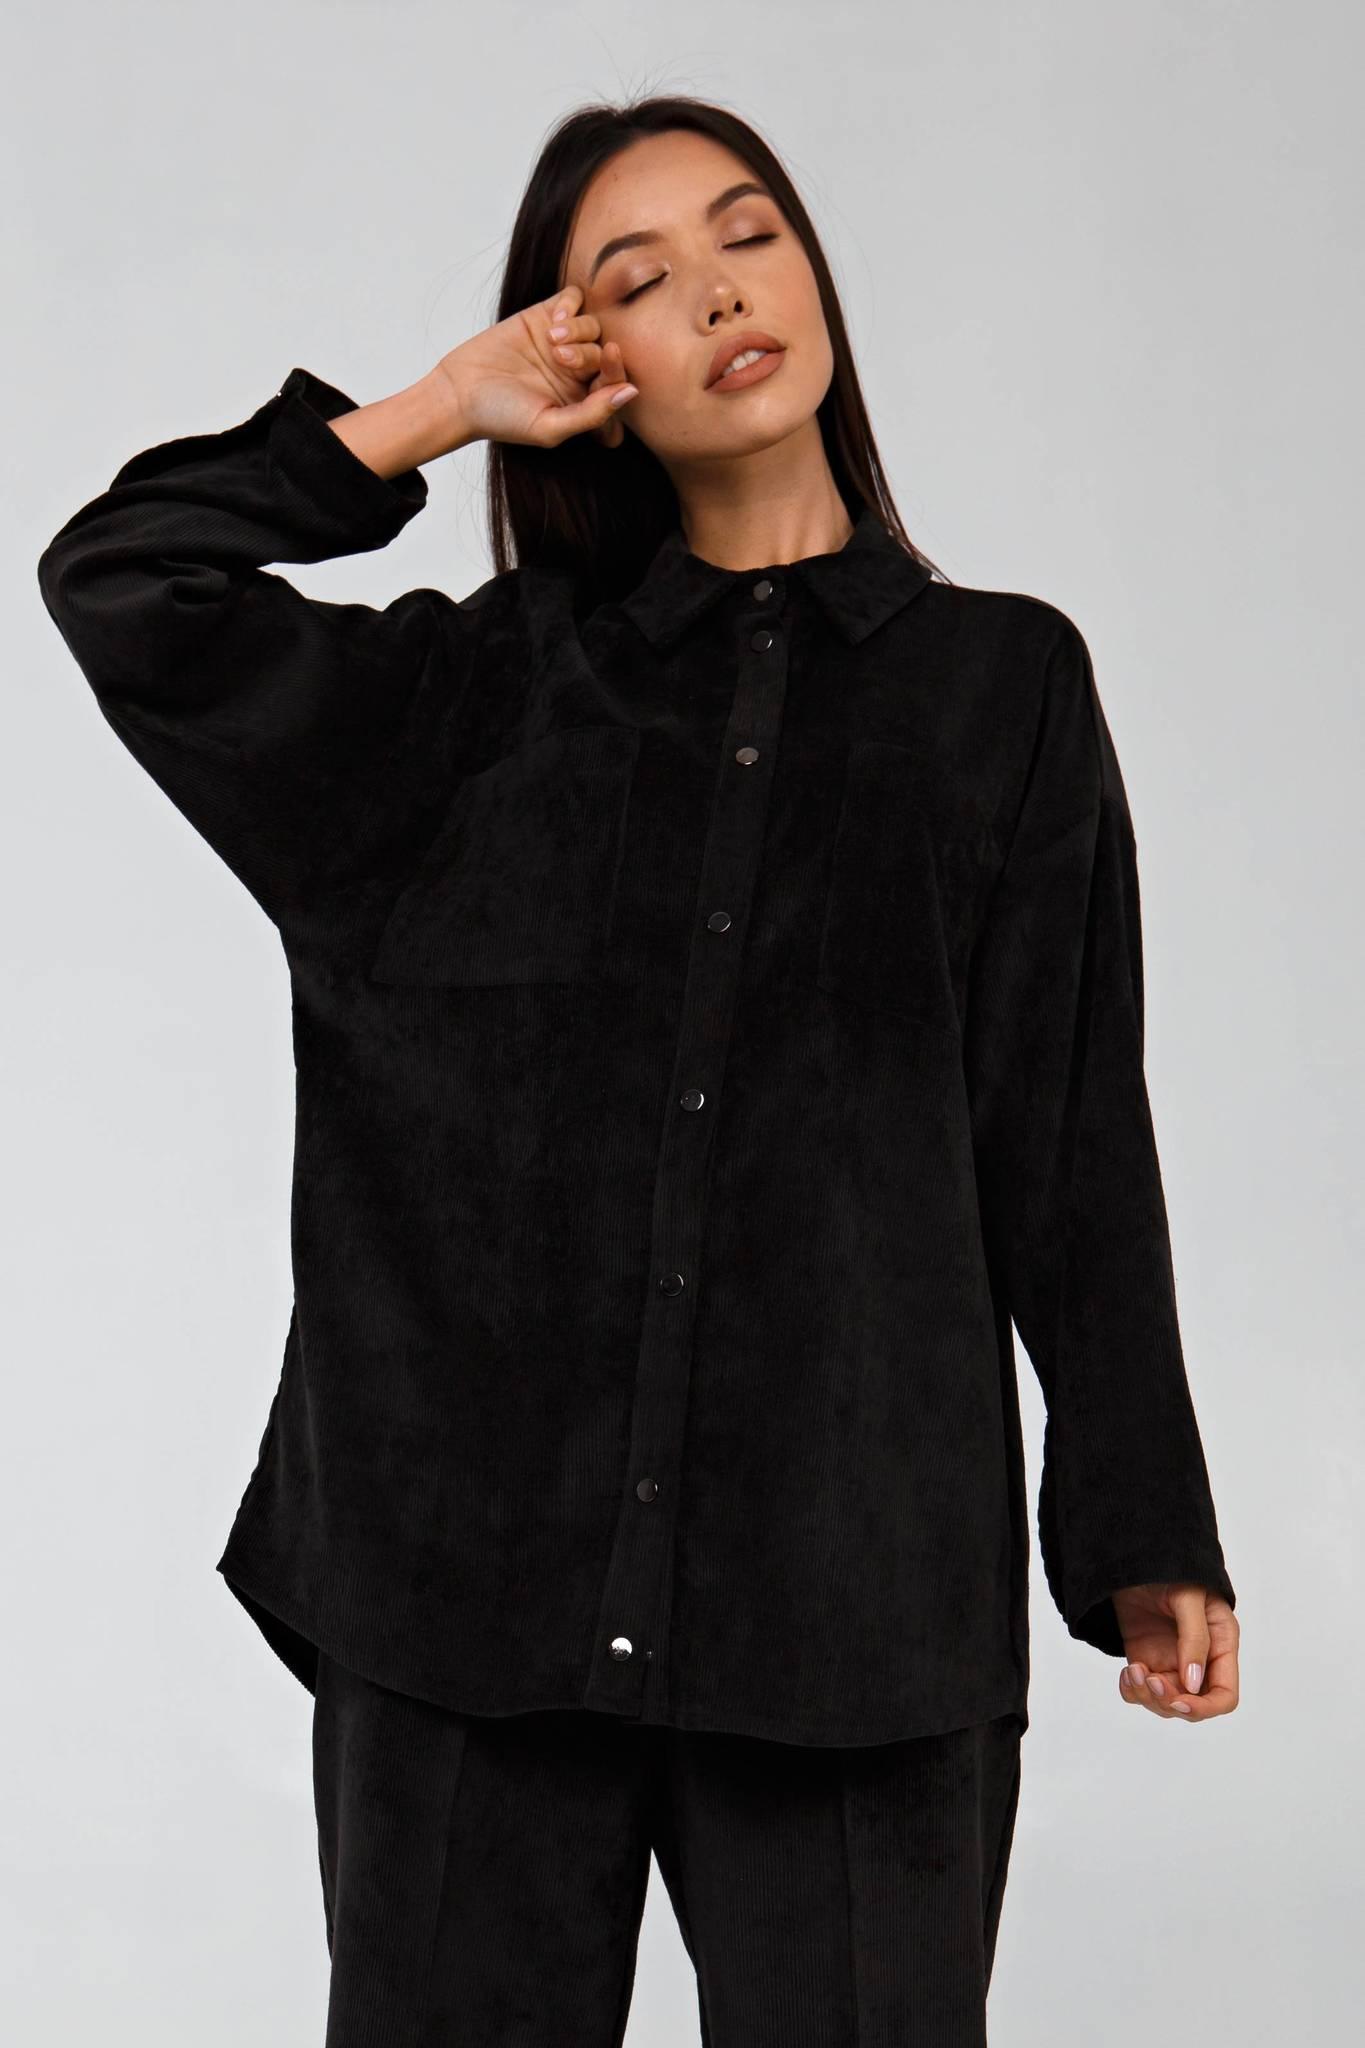 Вельветовая рубашка в рубчик графитовая YOS от украинского бренда Your Own Style